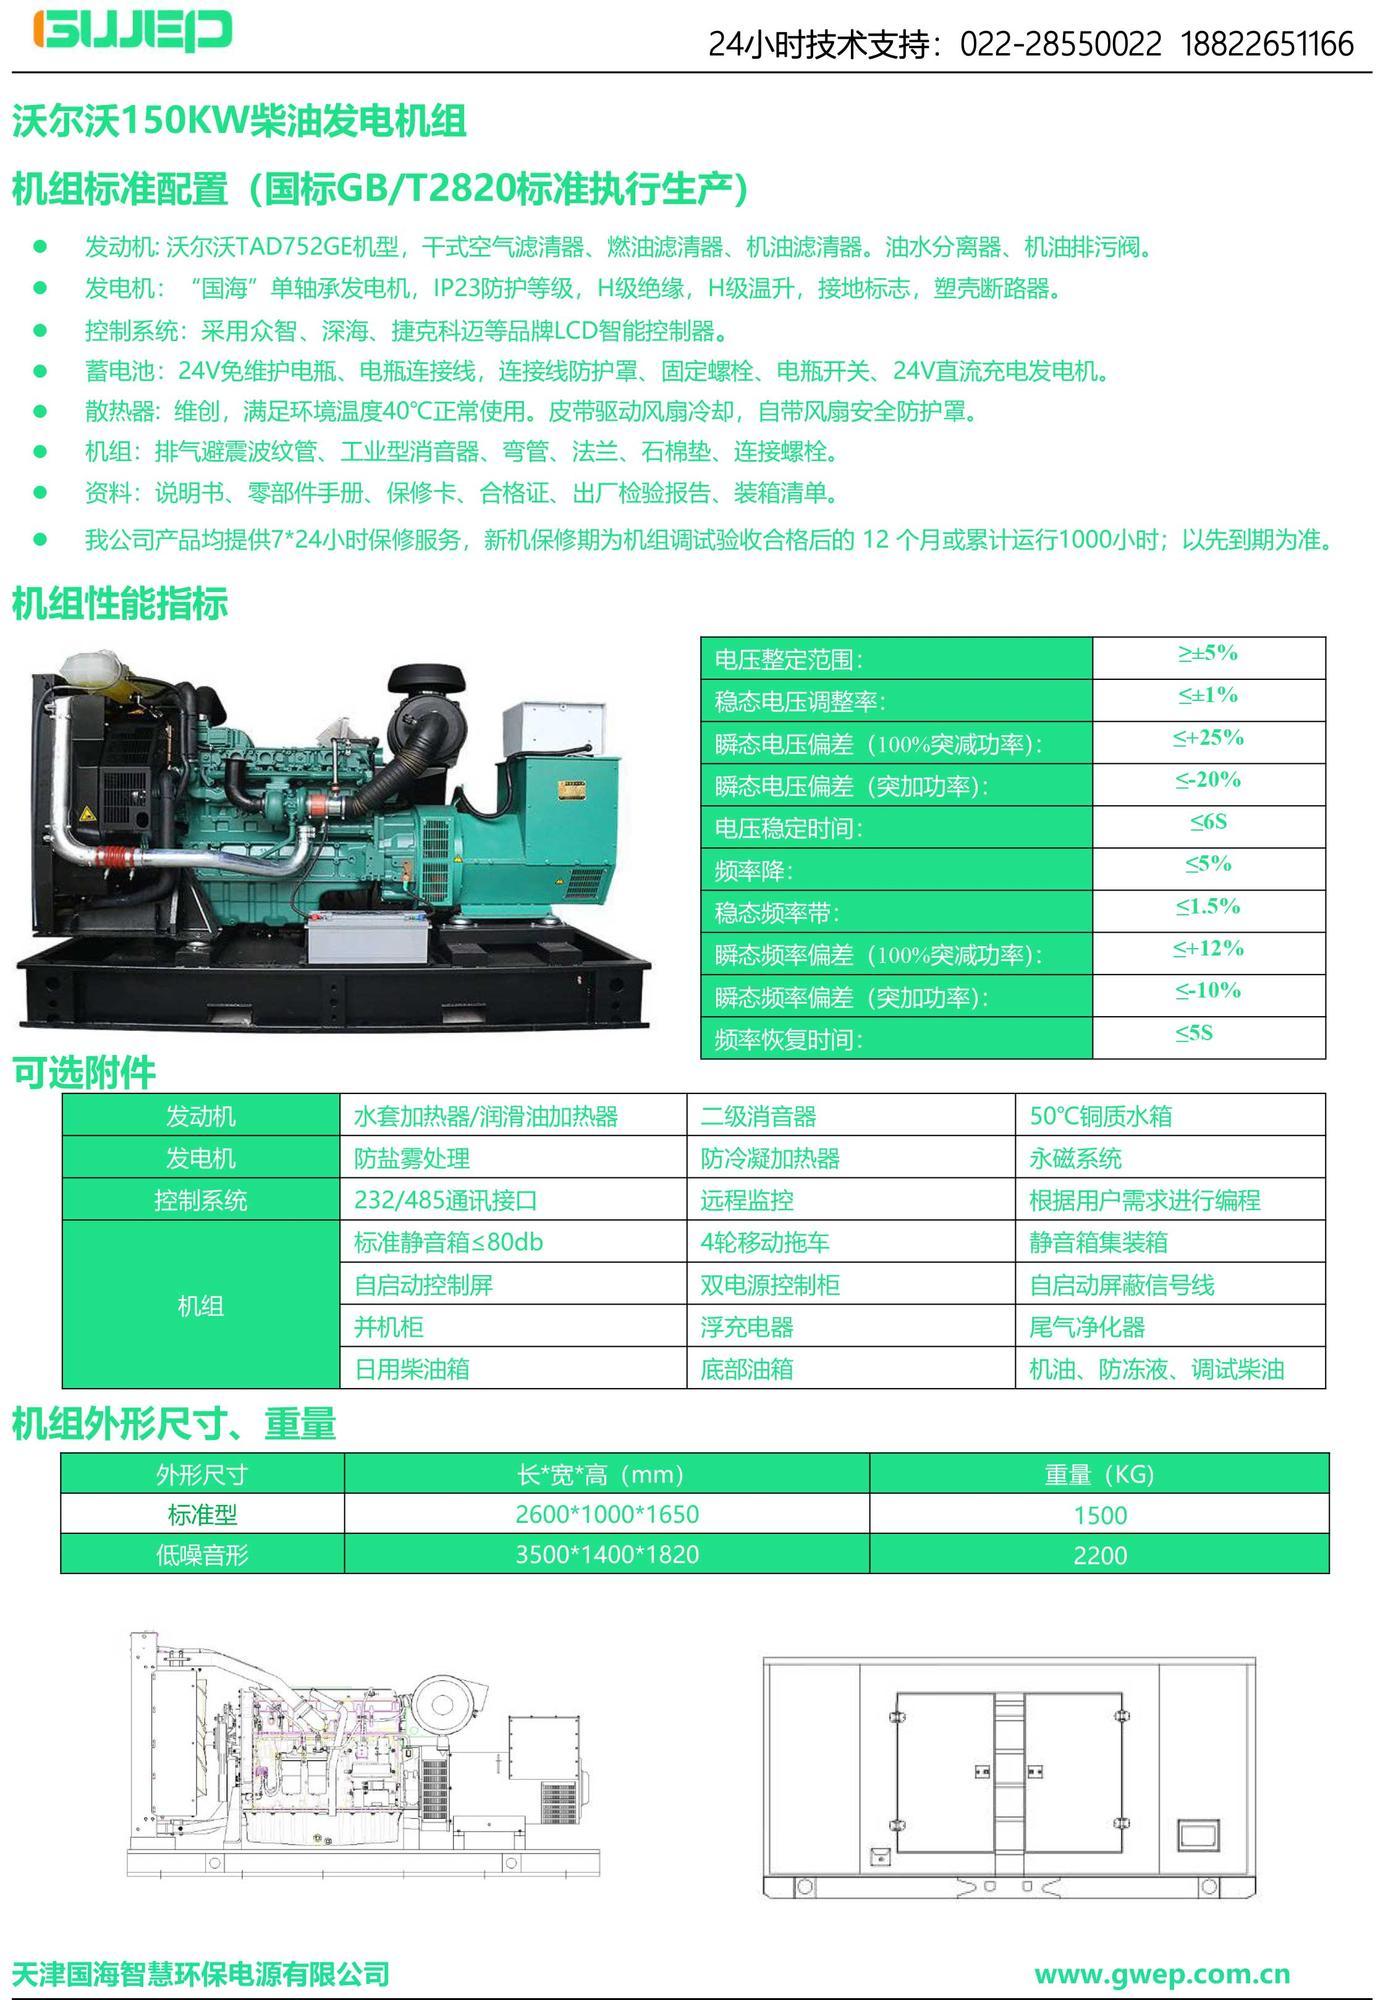 沃尔沃150KW发电机组技术资料-1.jpg